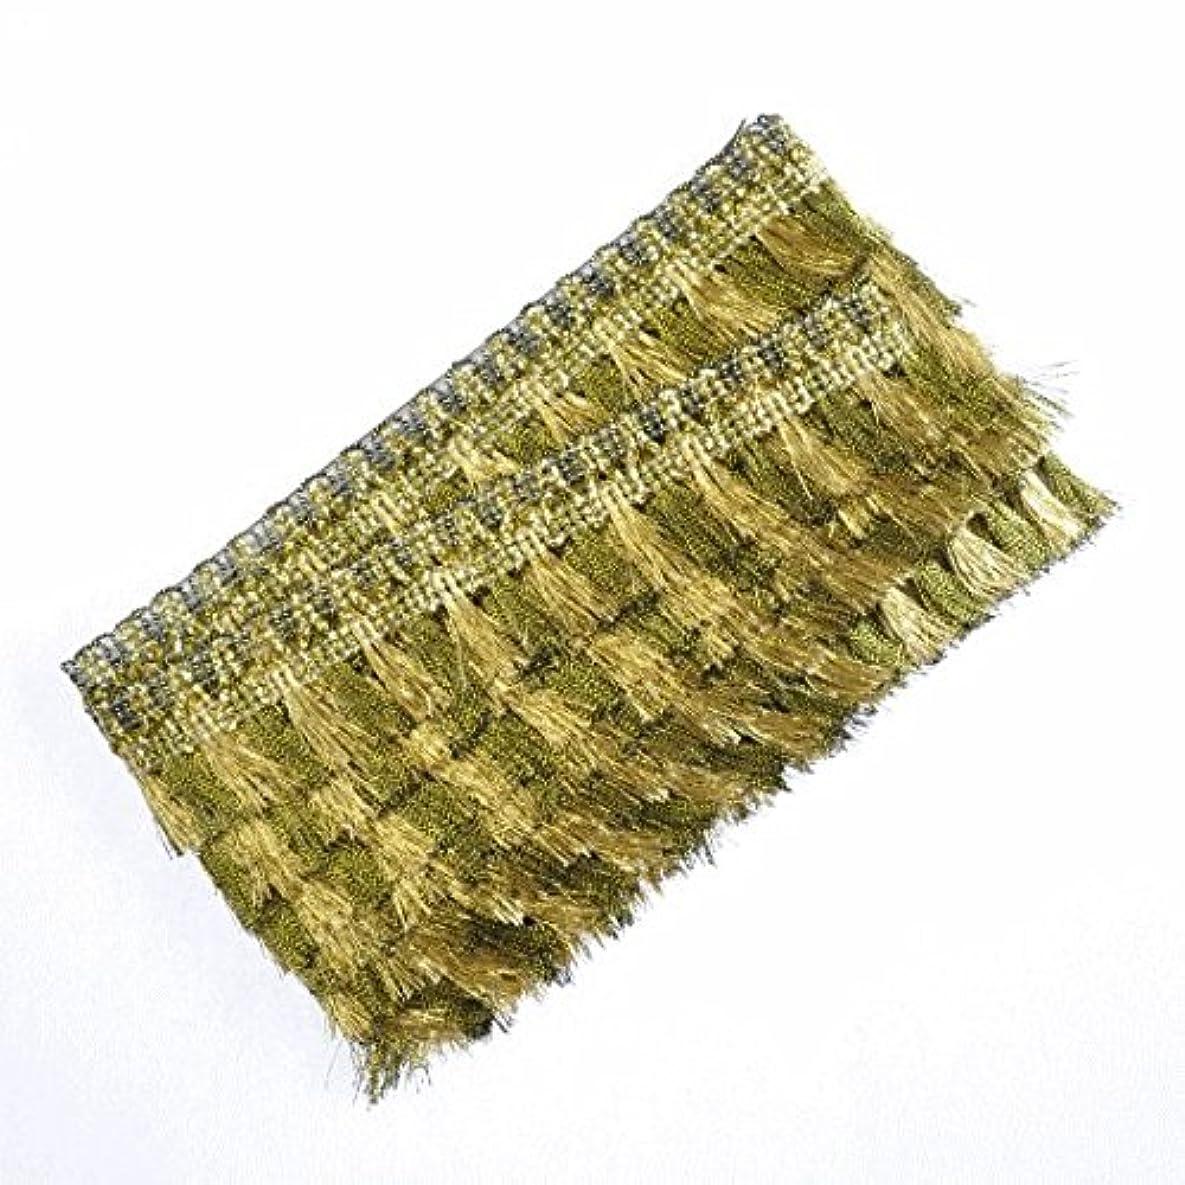 メタン悪性腫瘍柔らかいゴールド フリンジブレード 長さ5ヤード(約4.5m) カルトナージュや衣装に